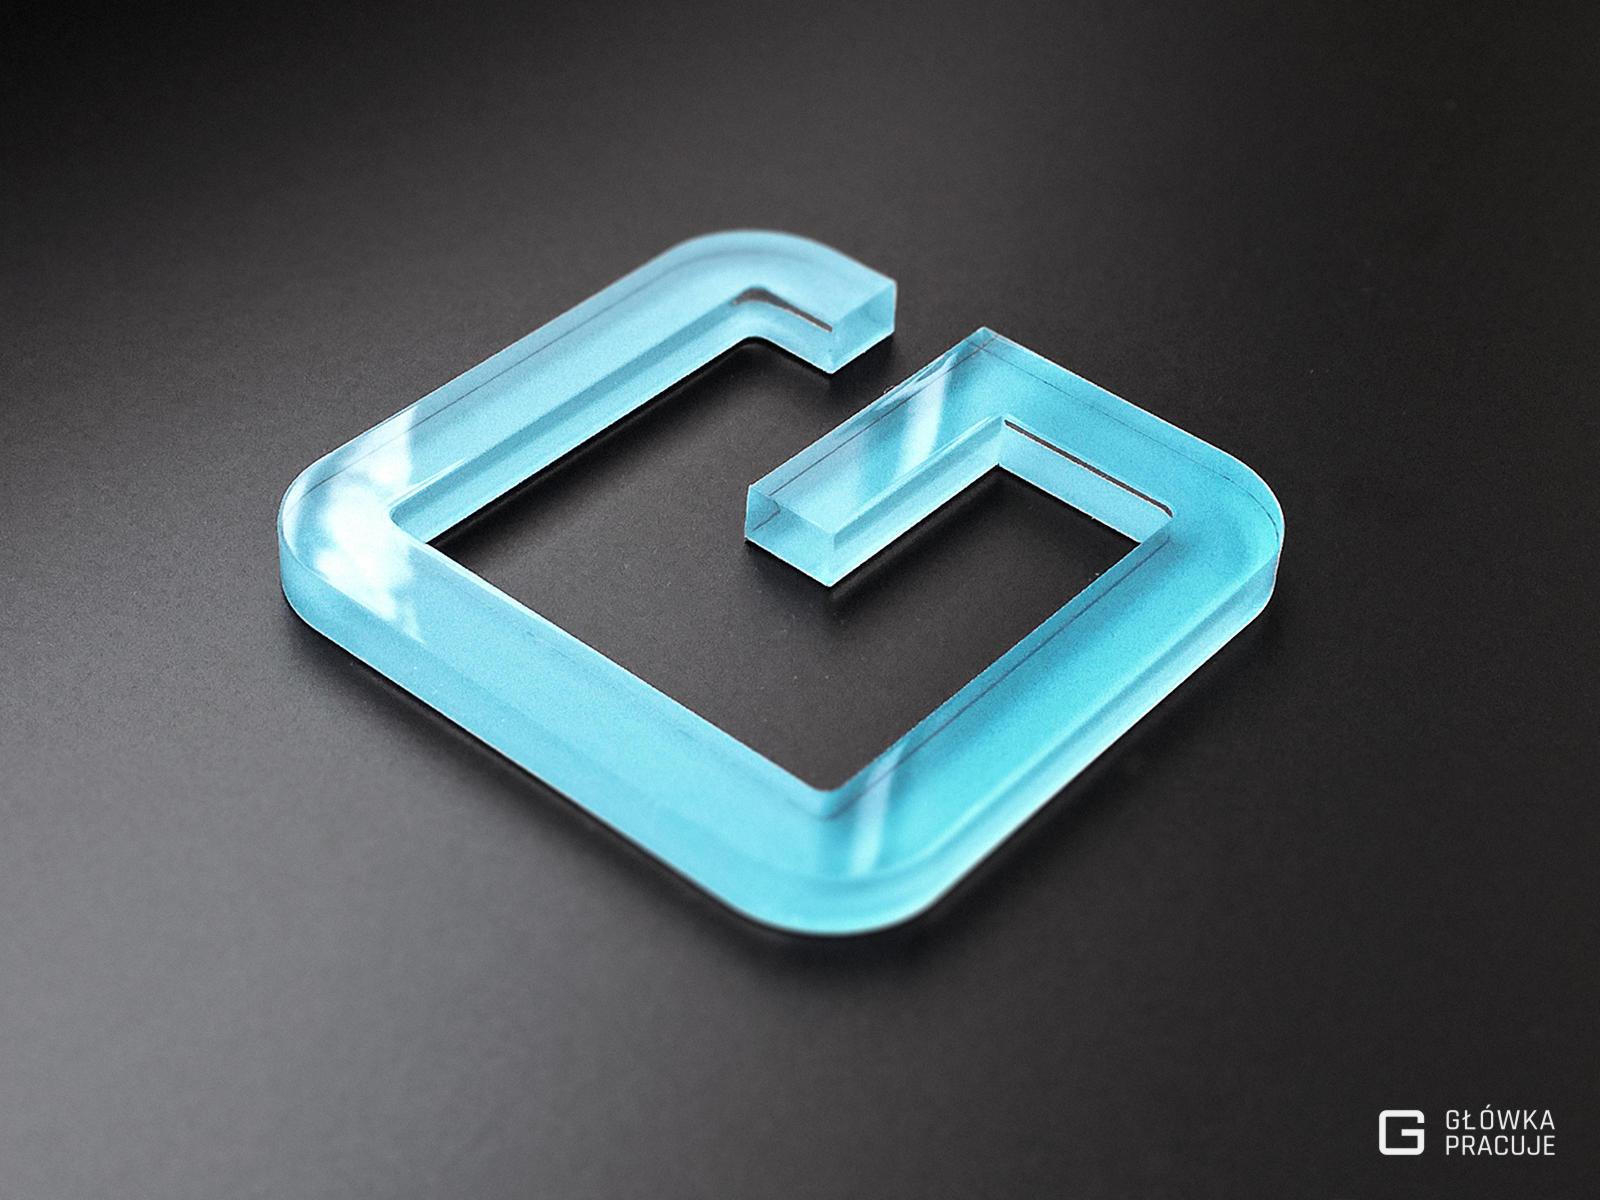 Główka Pracuje pl litera przestrzenna z transparentnej plexi podklejona niebieską folią barwioną